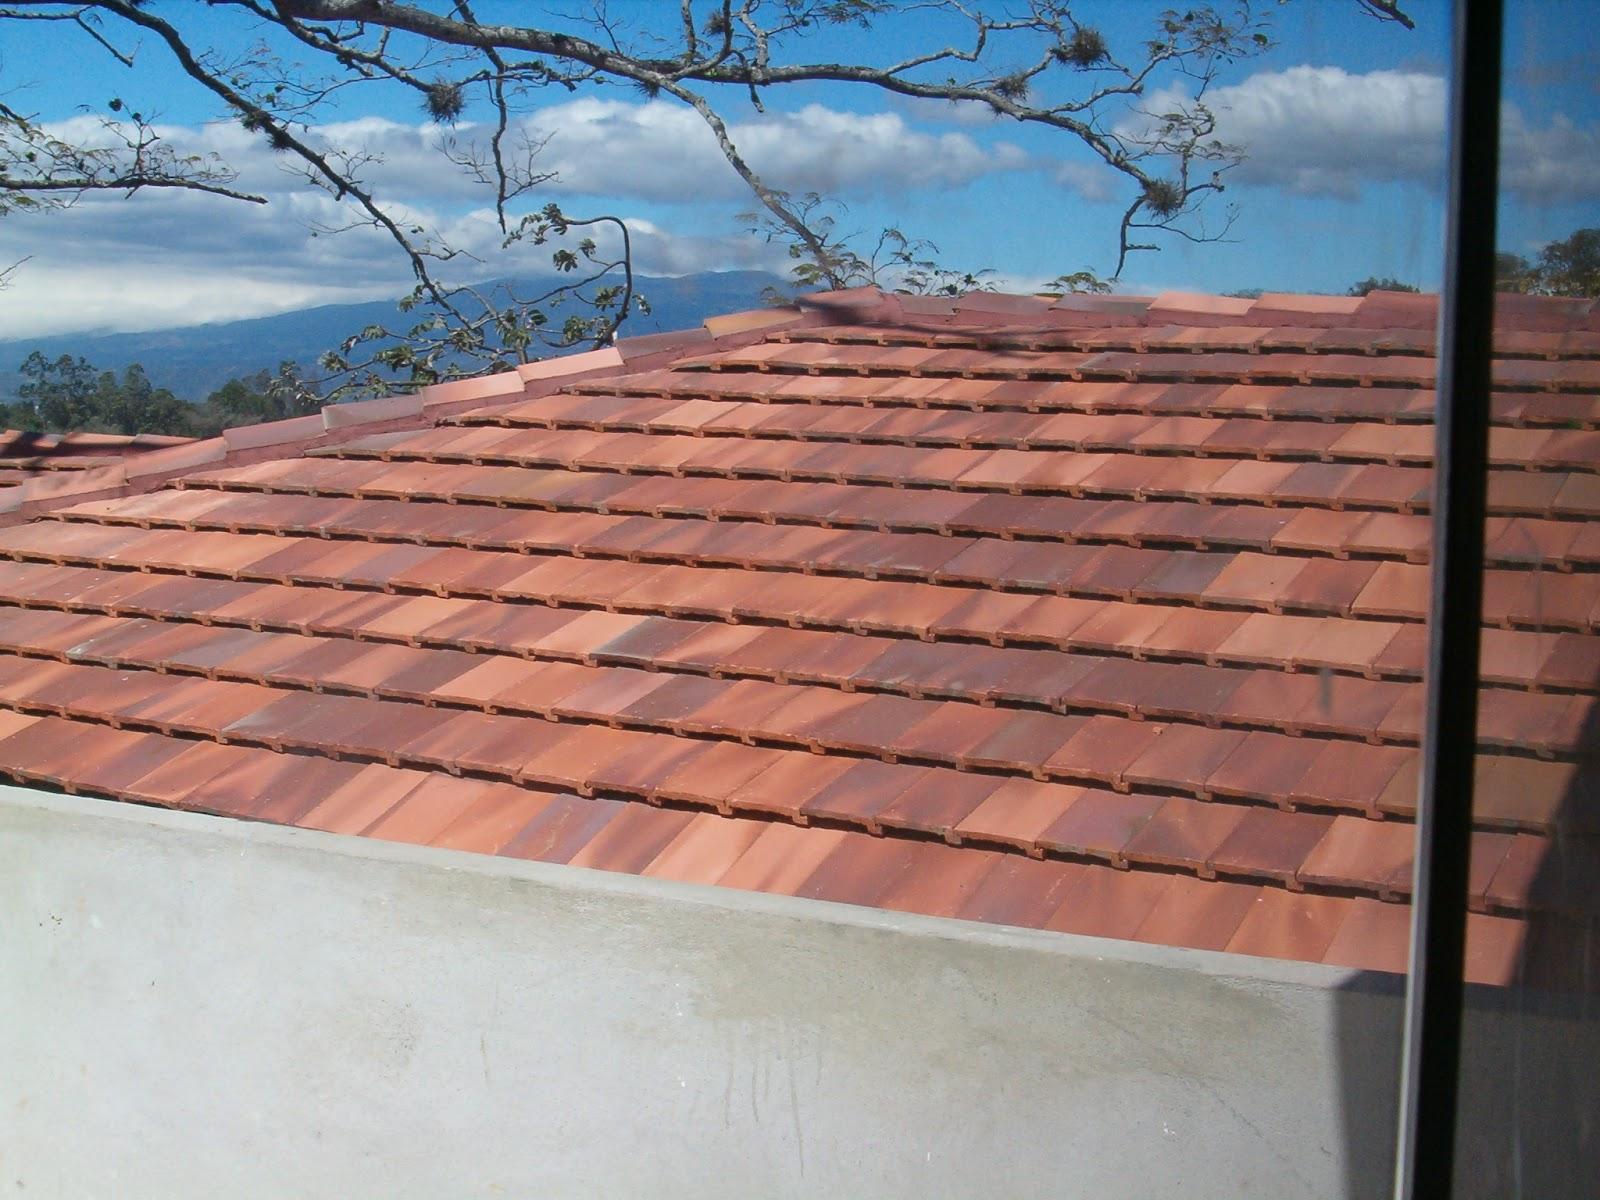 Construcci n civil tipos de tejas en la construcci n for Tipos de techos de tejas